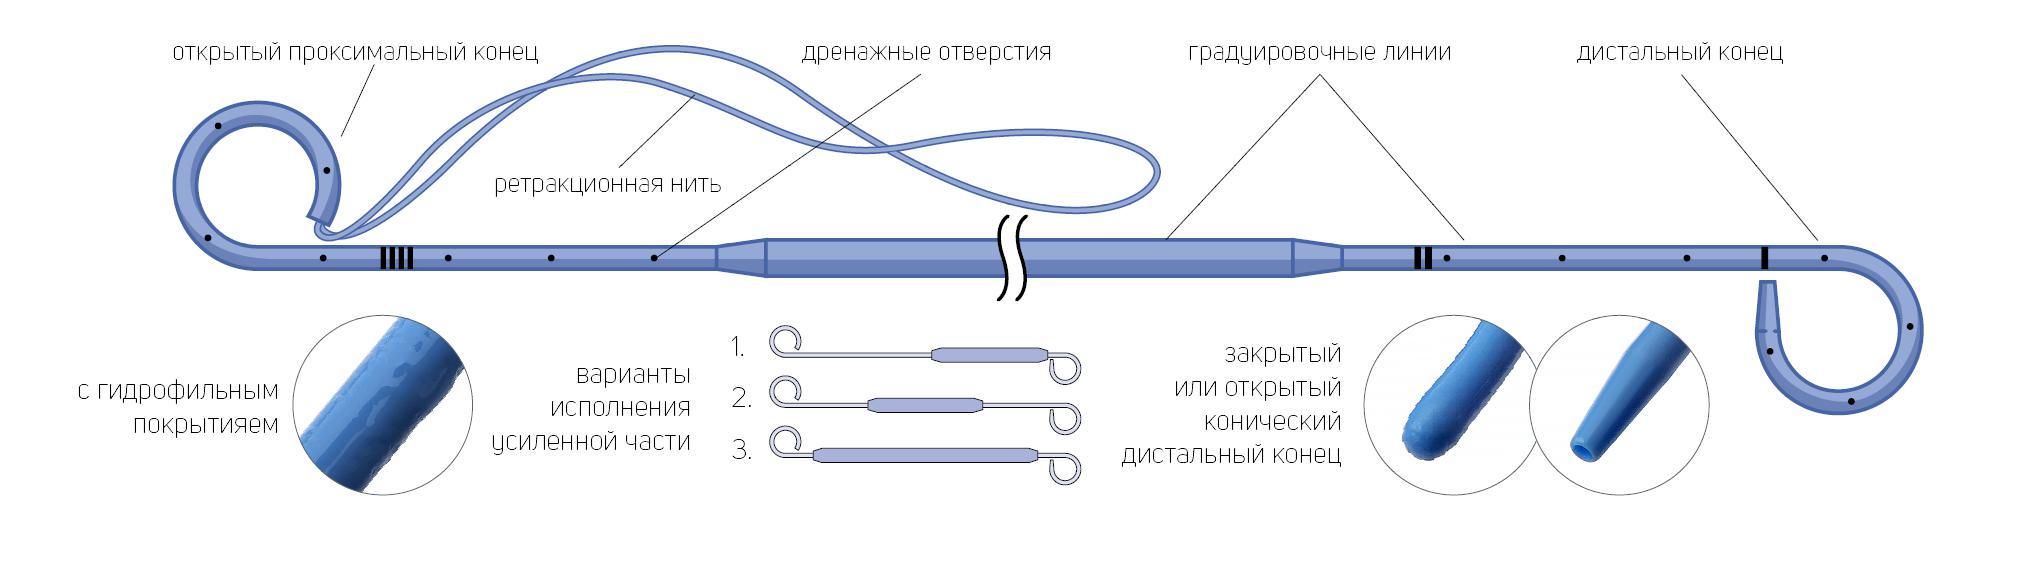 Стент мочеточниковый онкологический двухпетлевой с гидрофильным покрытием с ретракционной нитью